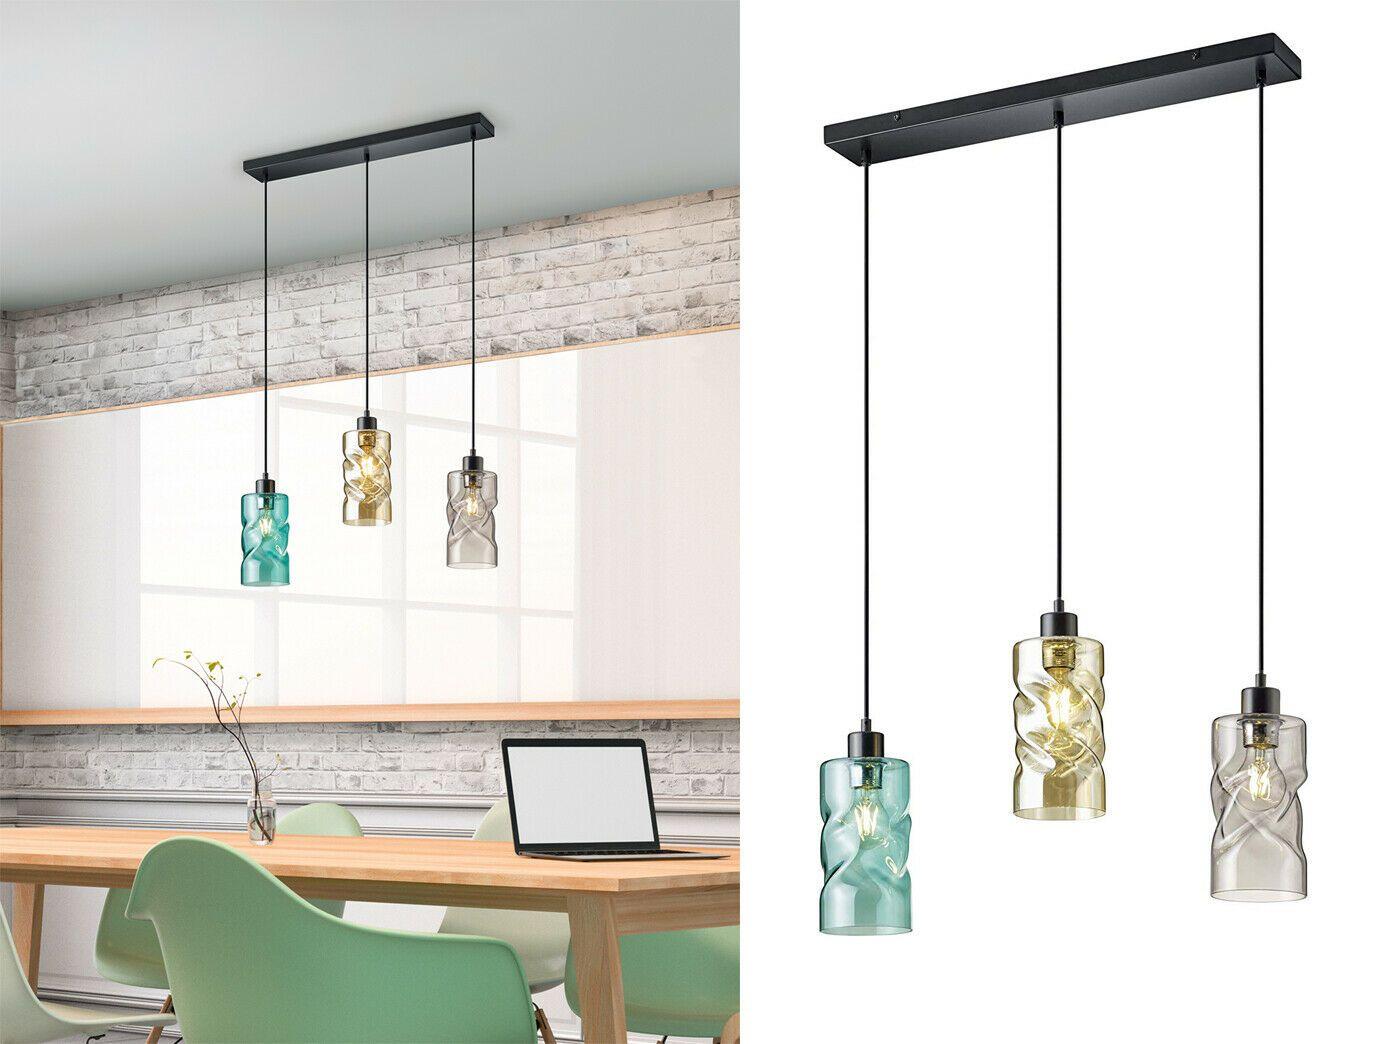 Full Size of Küchenlampen Details Zu Rauchglas Kchenlampen Hngend Fr Ber Esstischlampe Wohnzimmer Küchenlampen